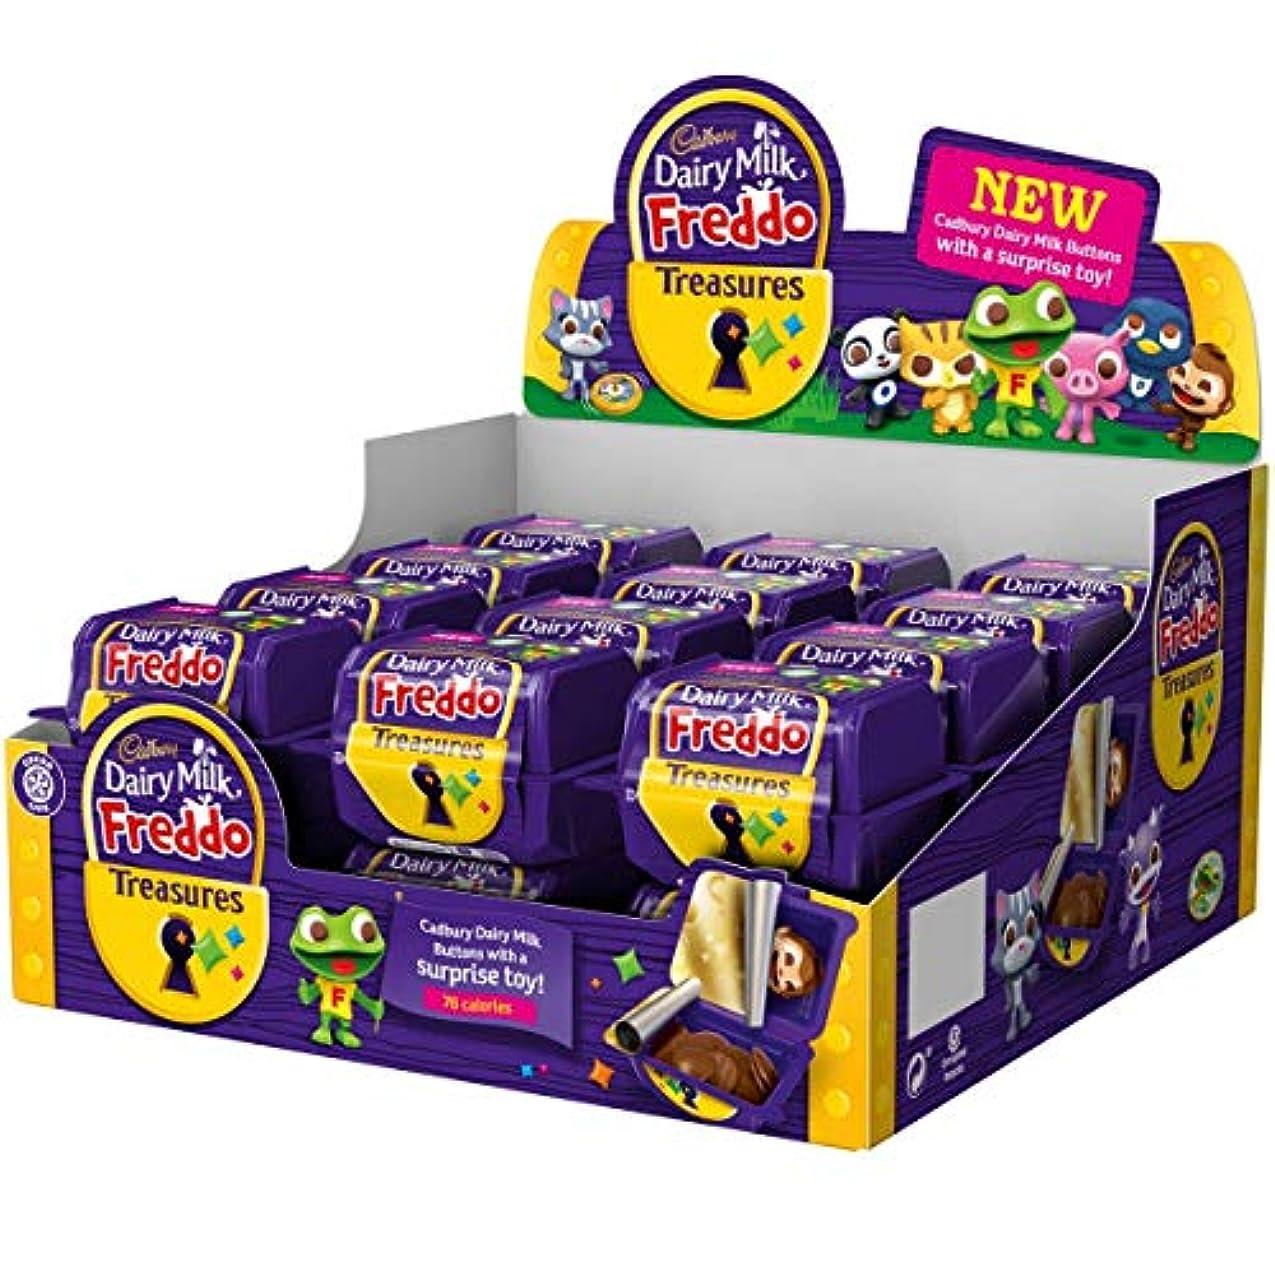 フィヨルド守銭奴迅速Cadbury Diary Milk Little Treasure Chocolate Box, 14.4 g, Pack of 24